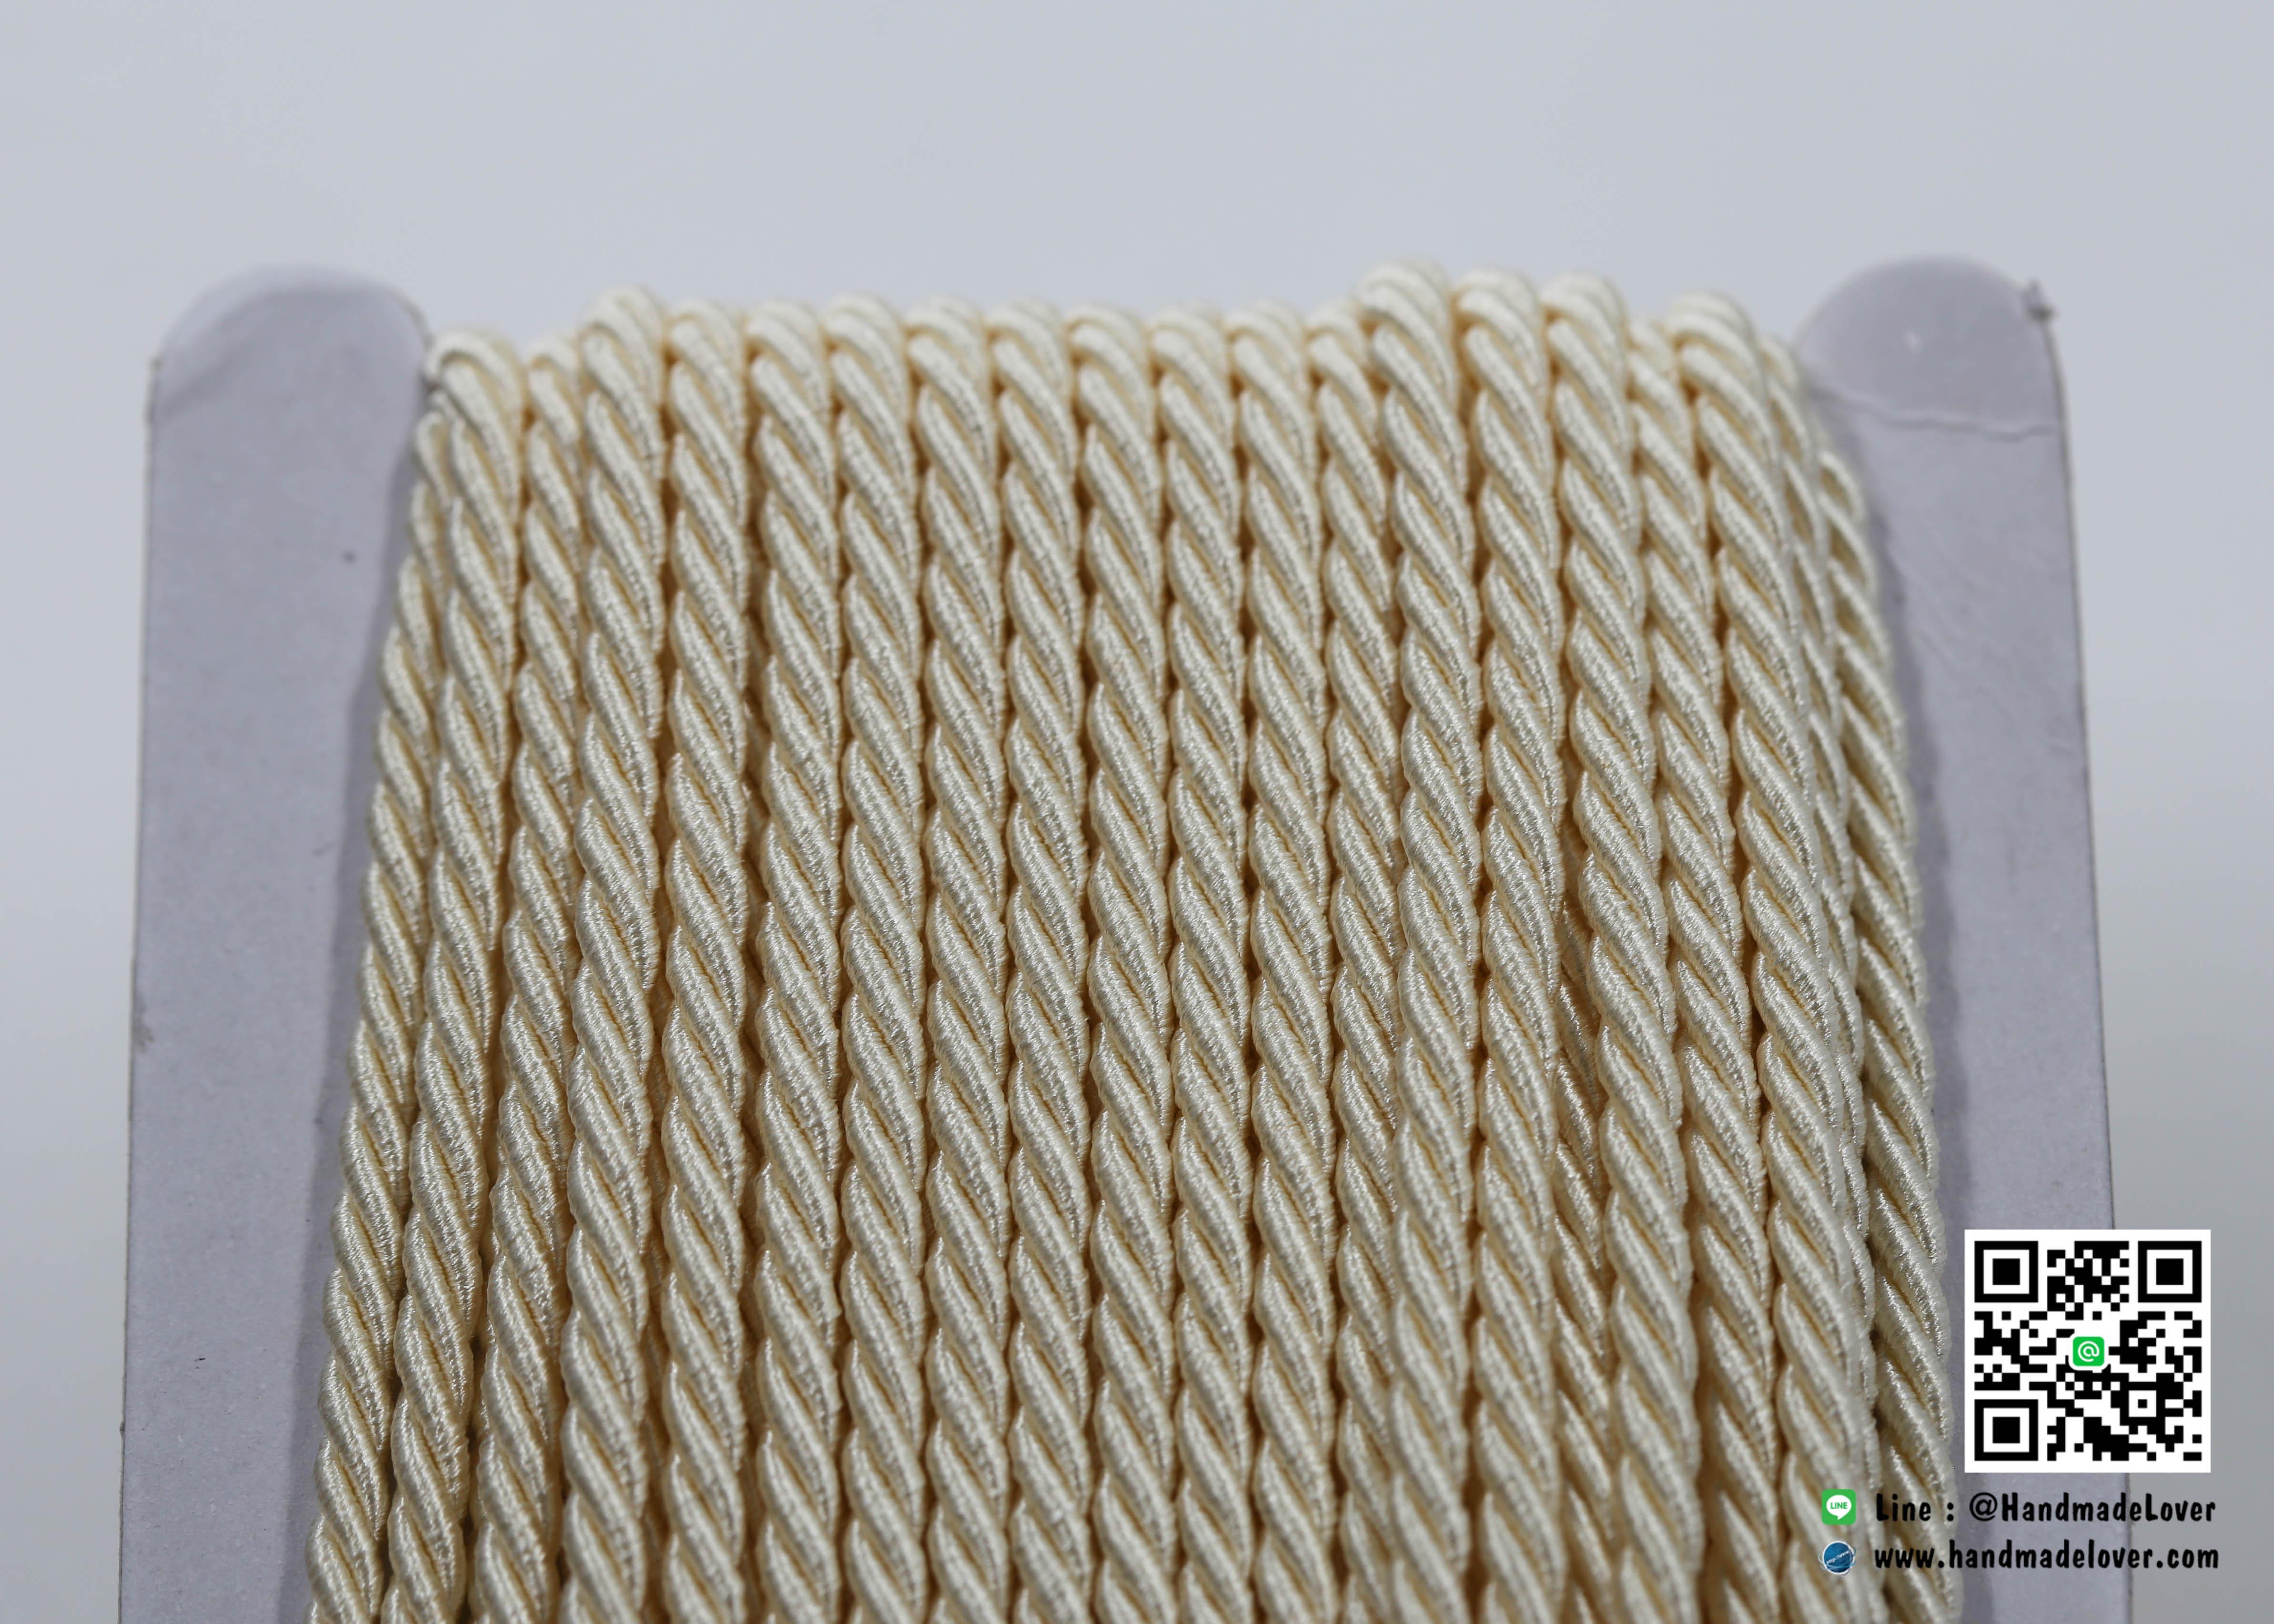 เชือกเกลียว สีครีม [39] ขนาด 3 mm.